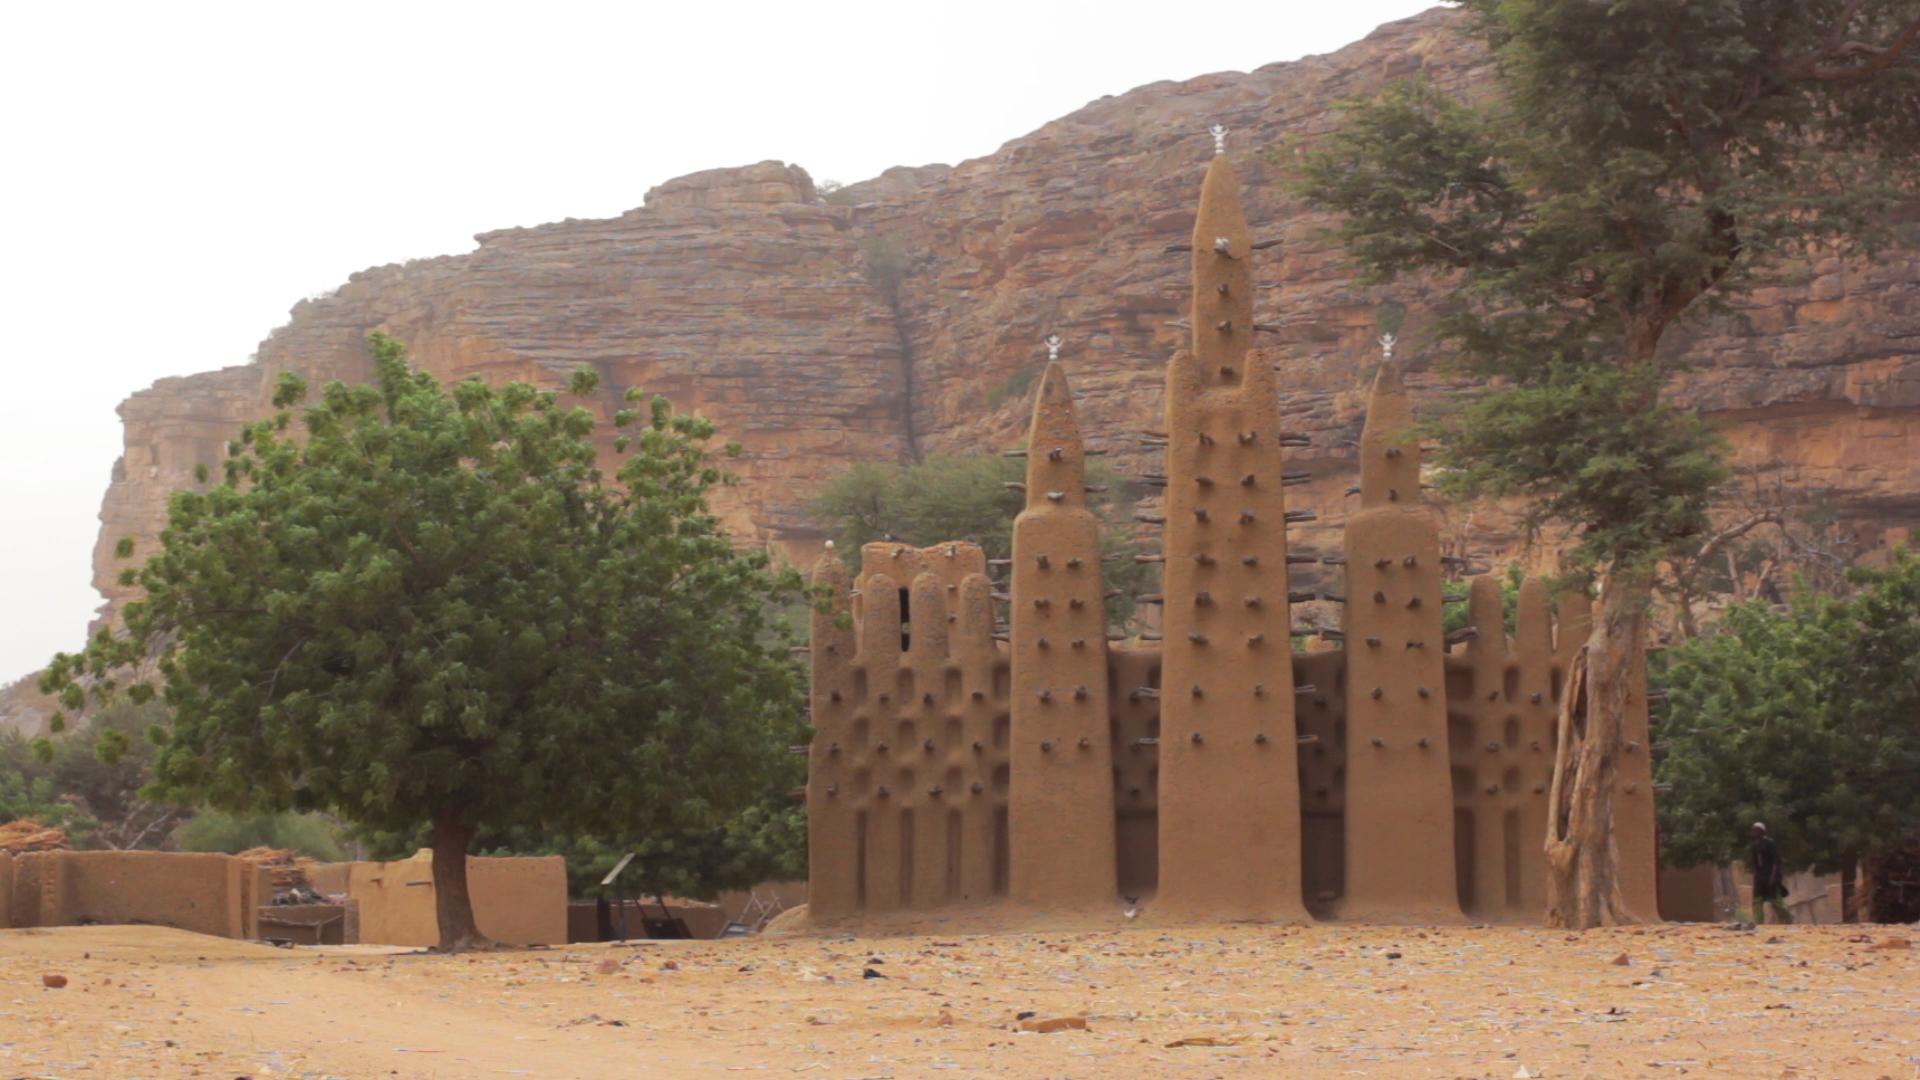 mezquita kanikombole pablocaminante bandido cine - Malí 6, País Dogon III: Falla de Bandiagara